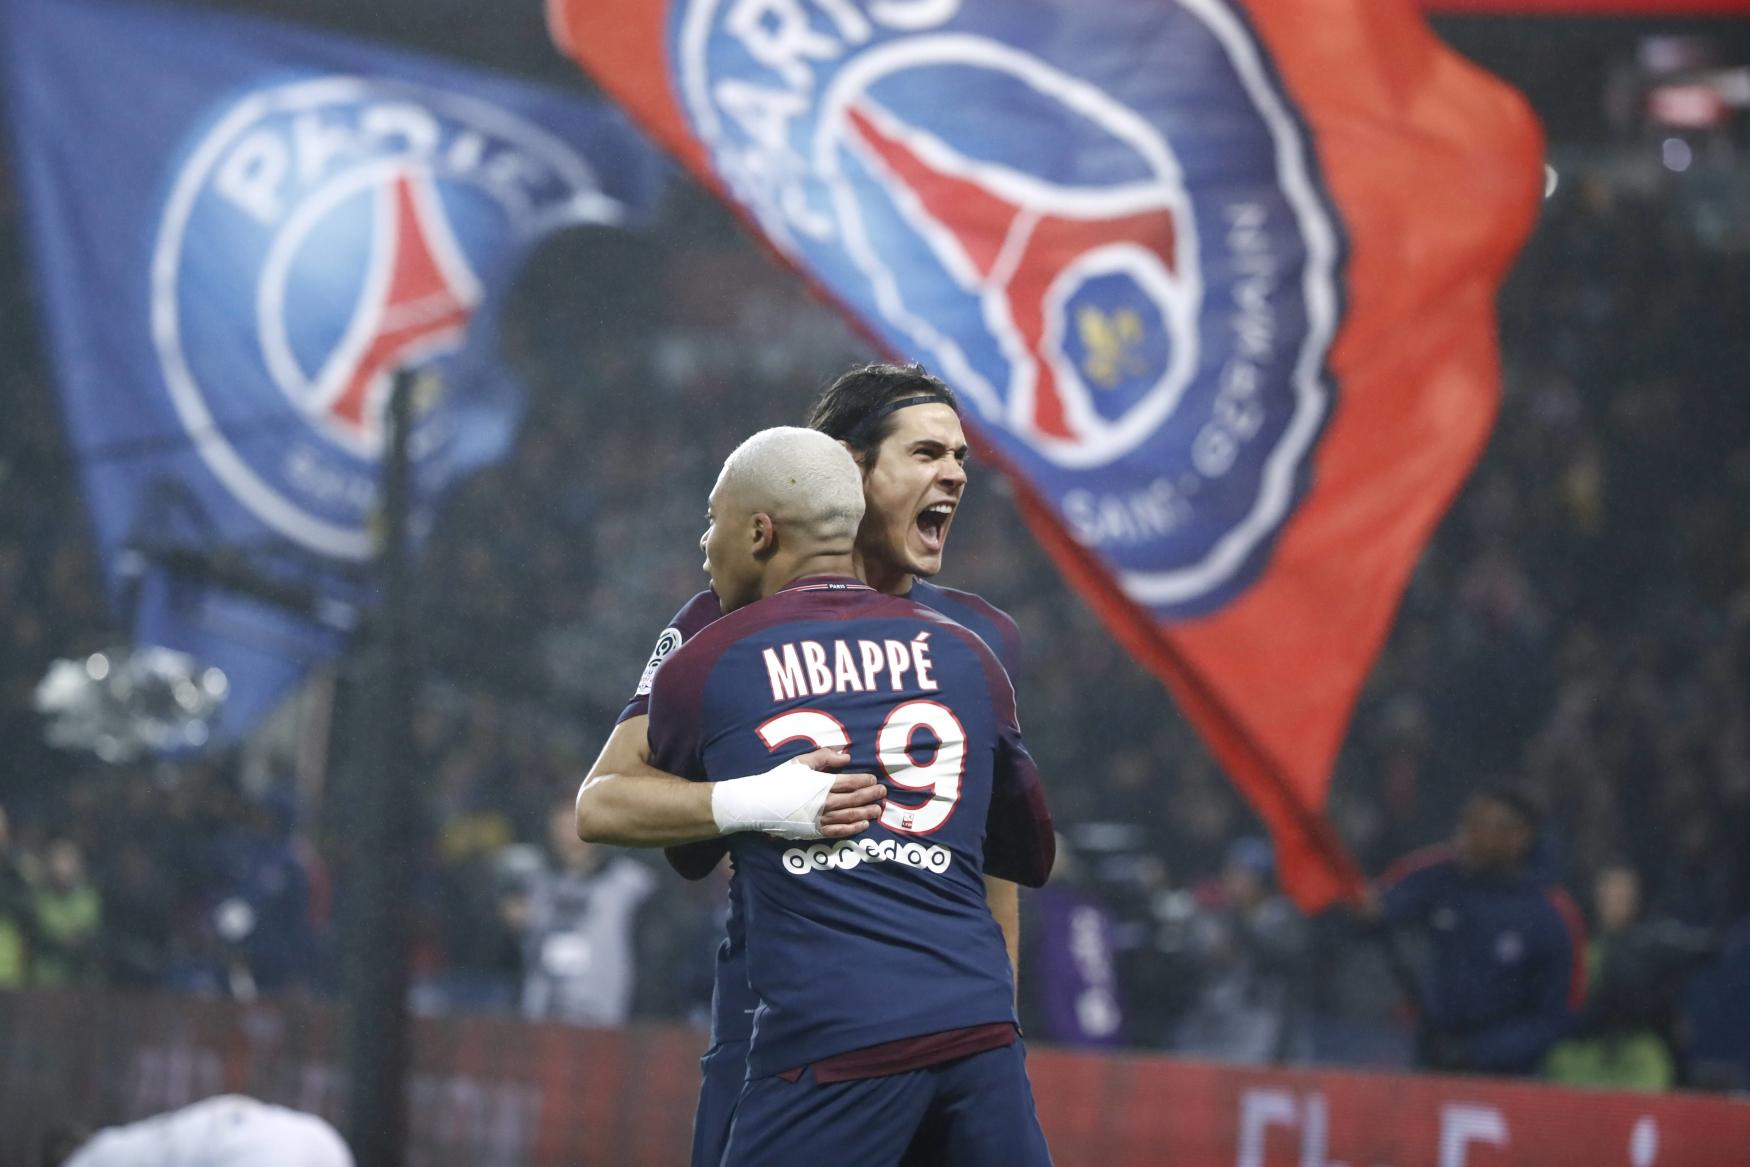 PREVIEW - 26. kolo francouzské Ligue 1